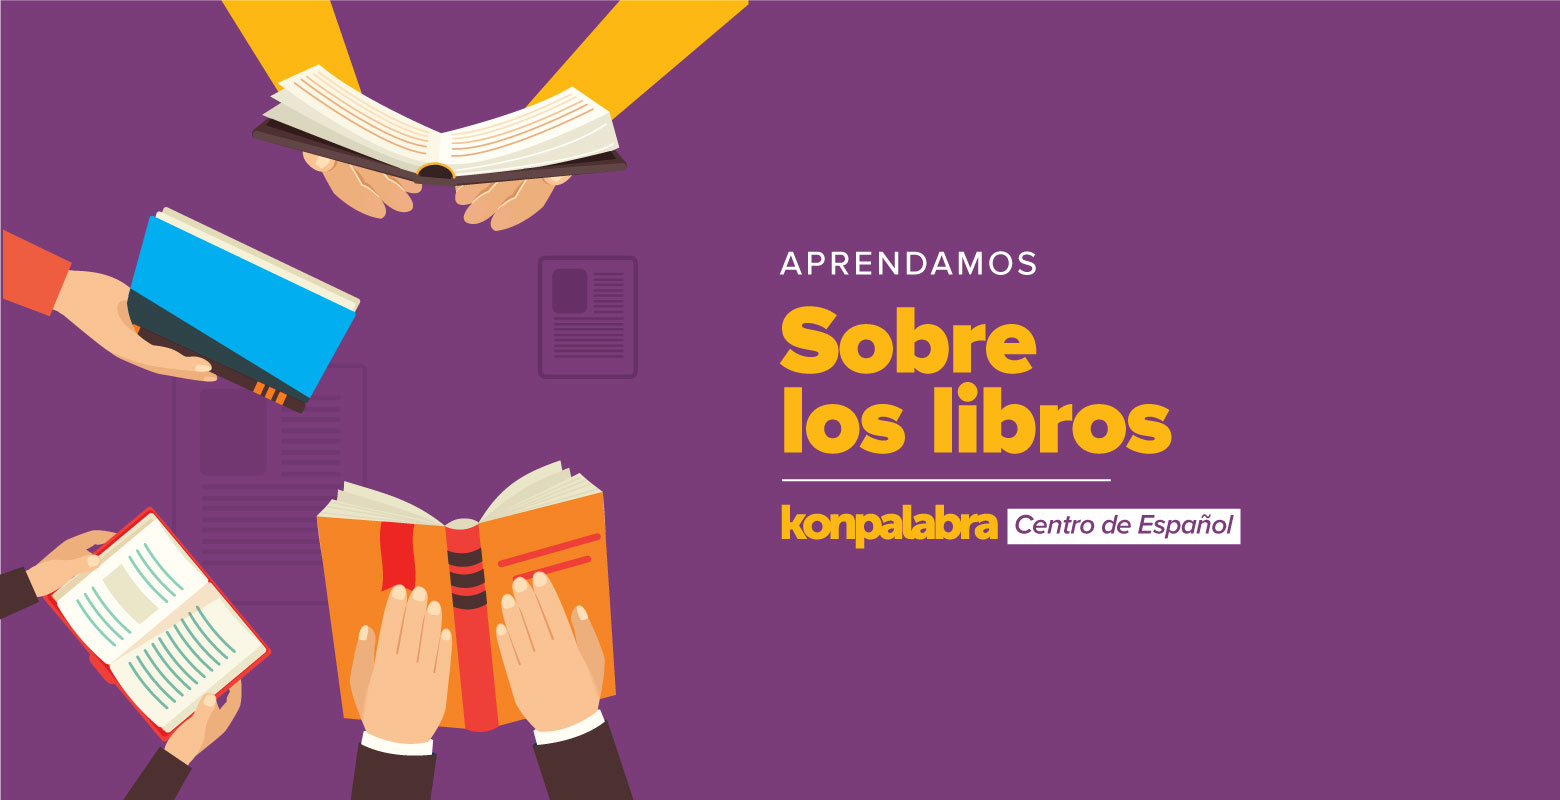 Sobre los libros